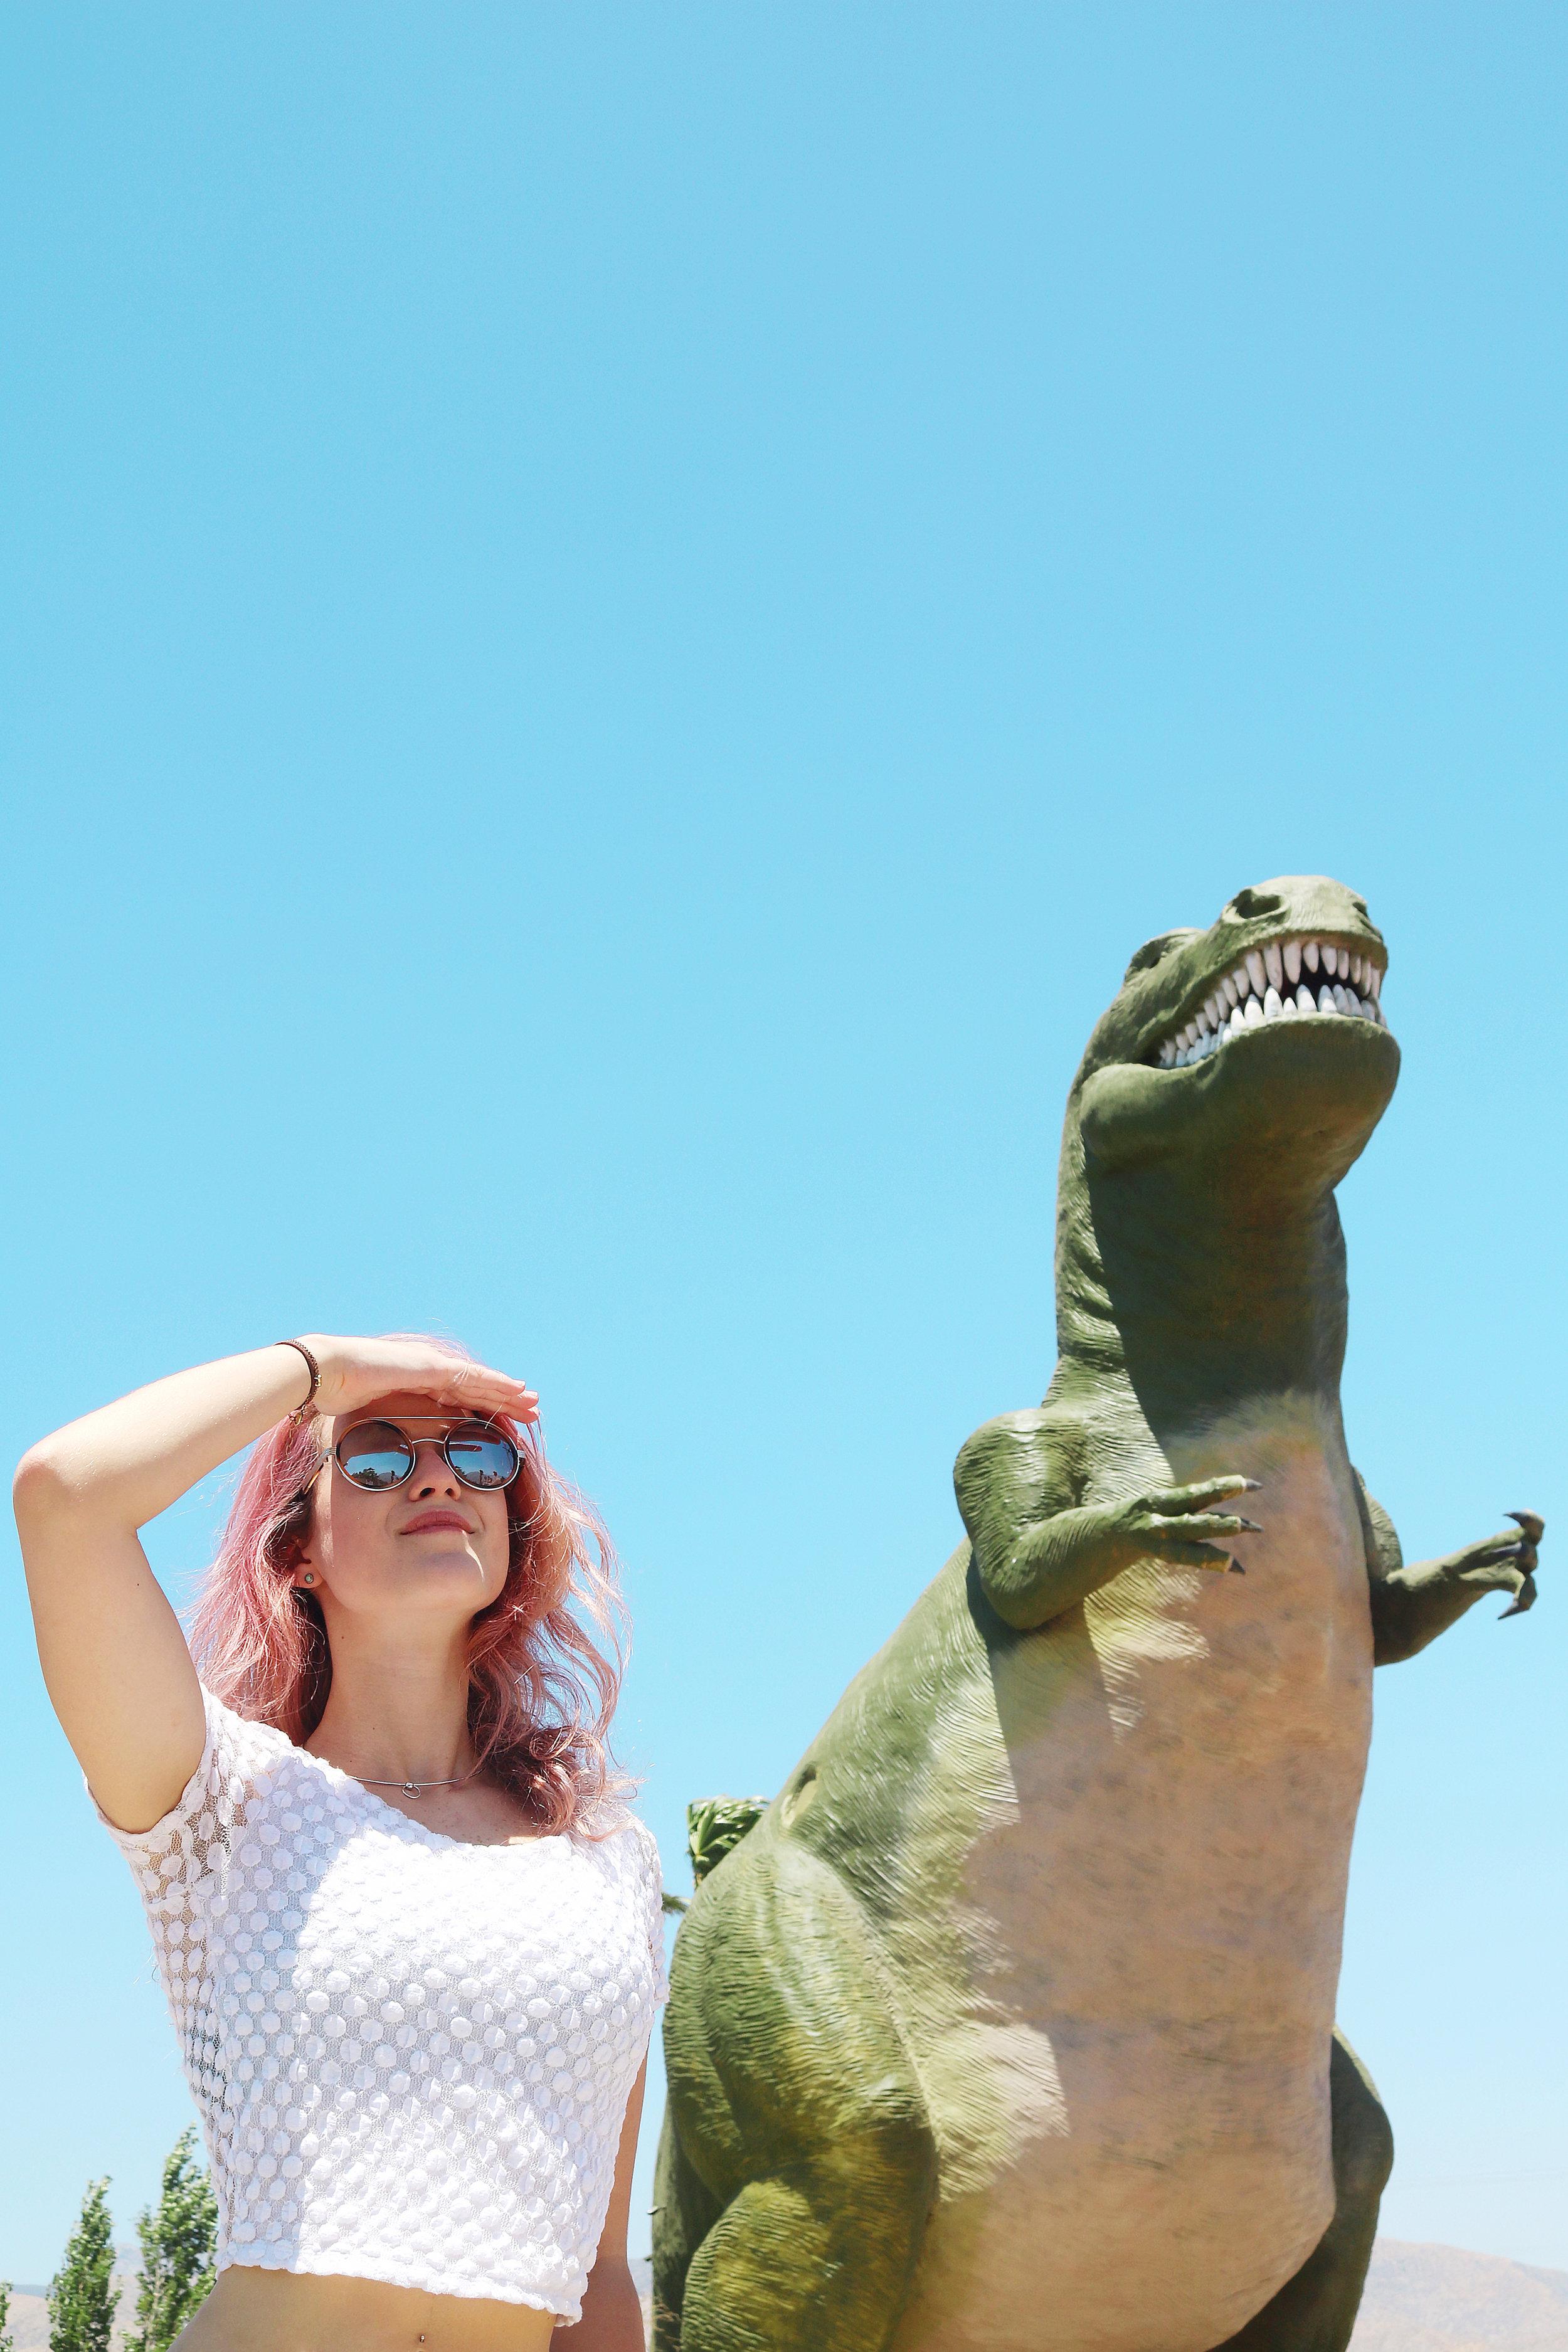 cabazon-dinosaur-jade-meneguel.jpg